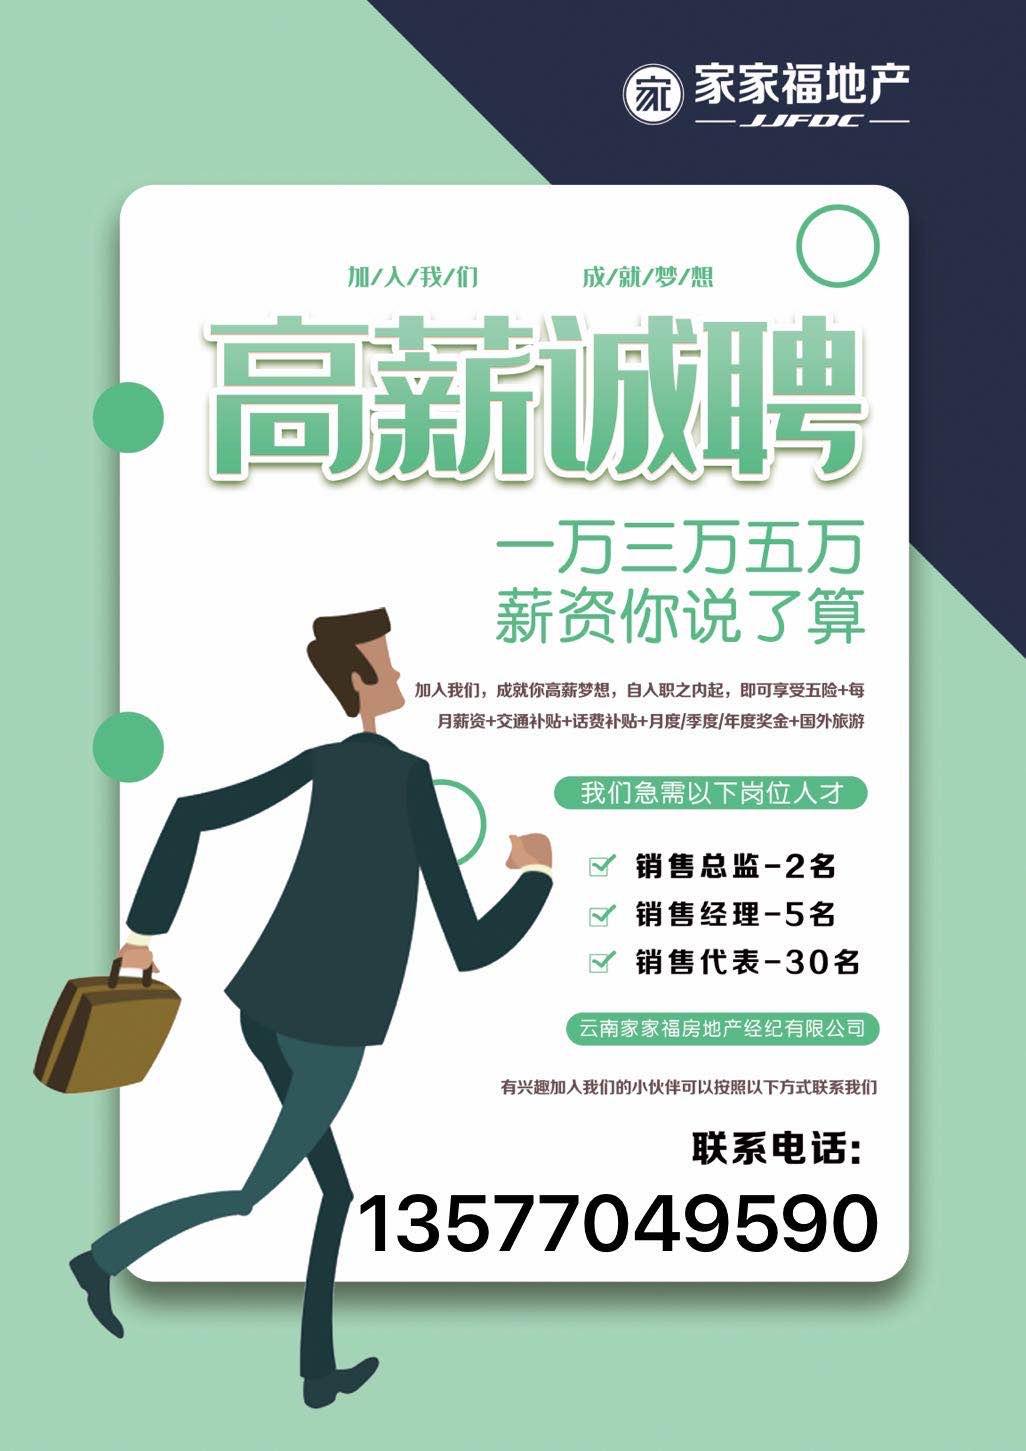 云南家家福房地产经济有限公司